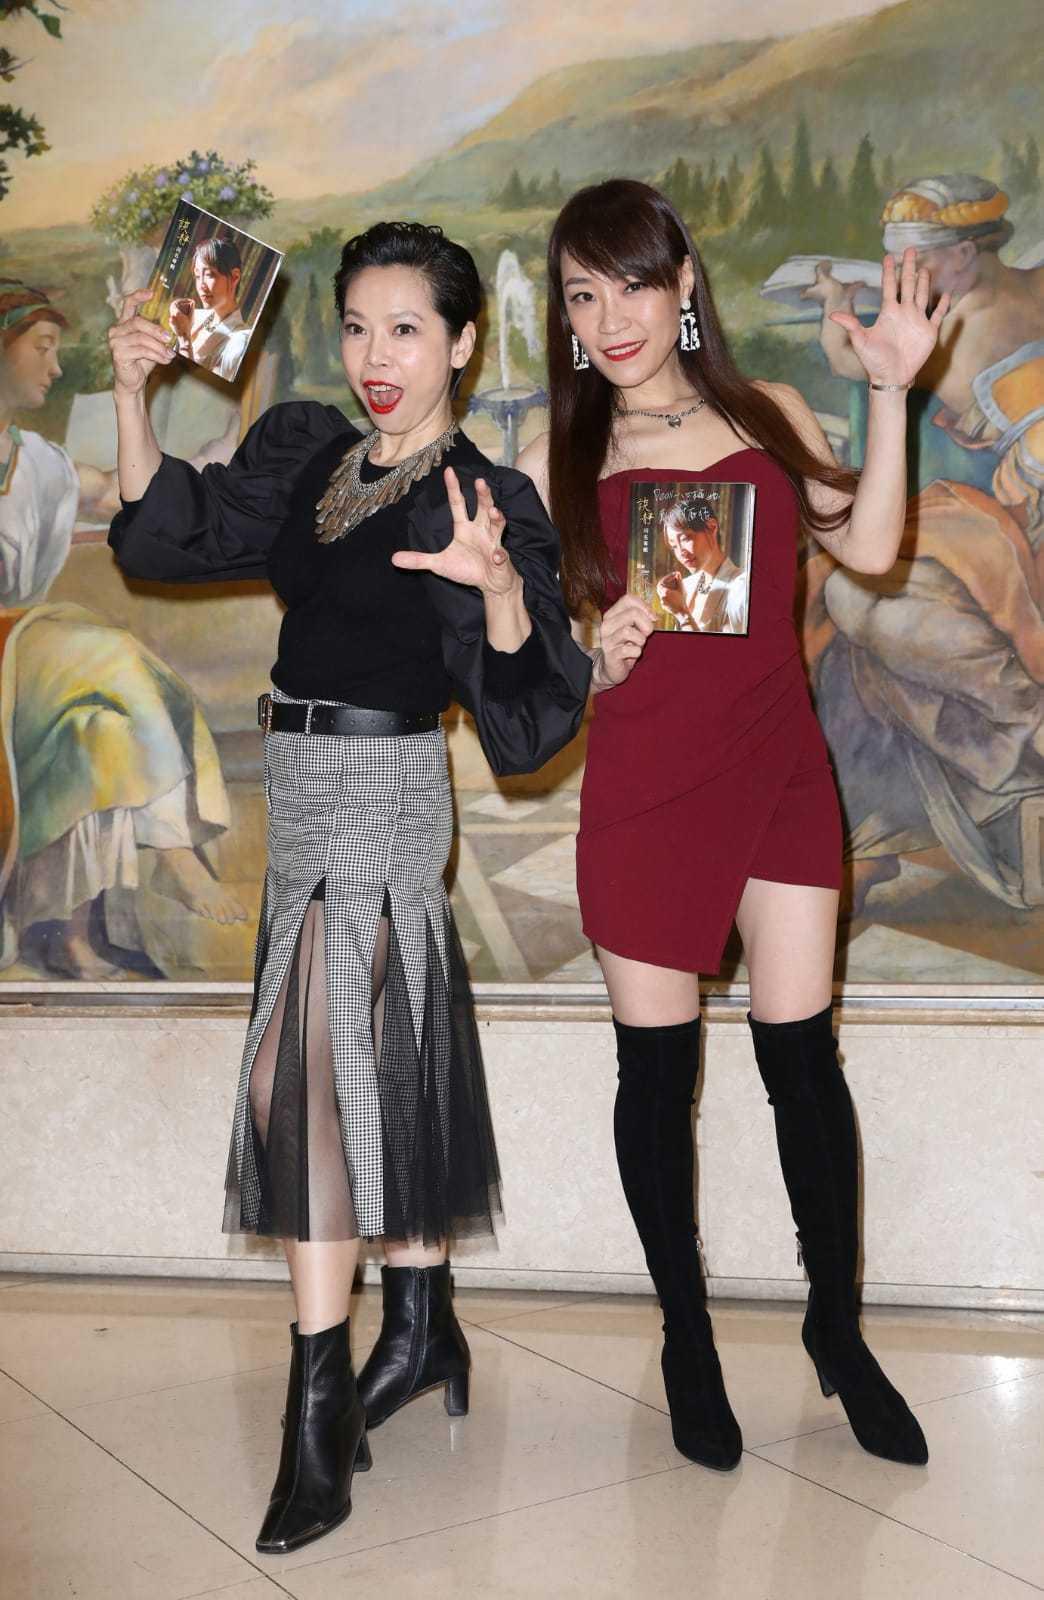 金曲歌后曾心梅(左)今天為歌壇新人談靜站台,卻驚吐引退宣言。圖/經紀人提供